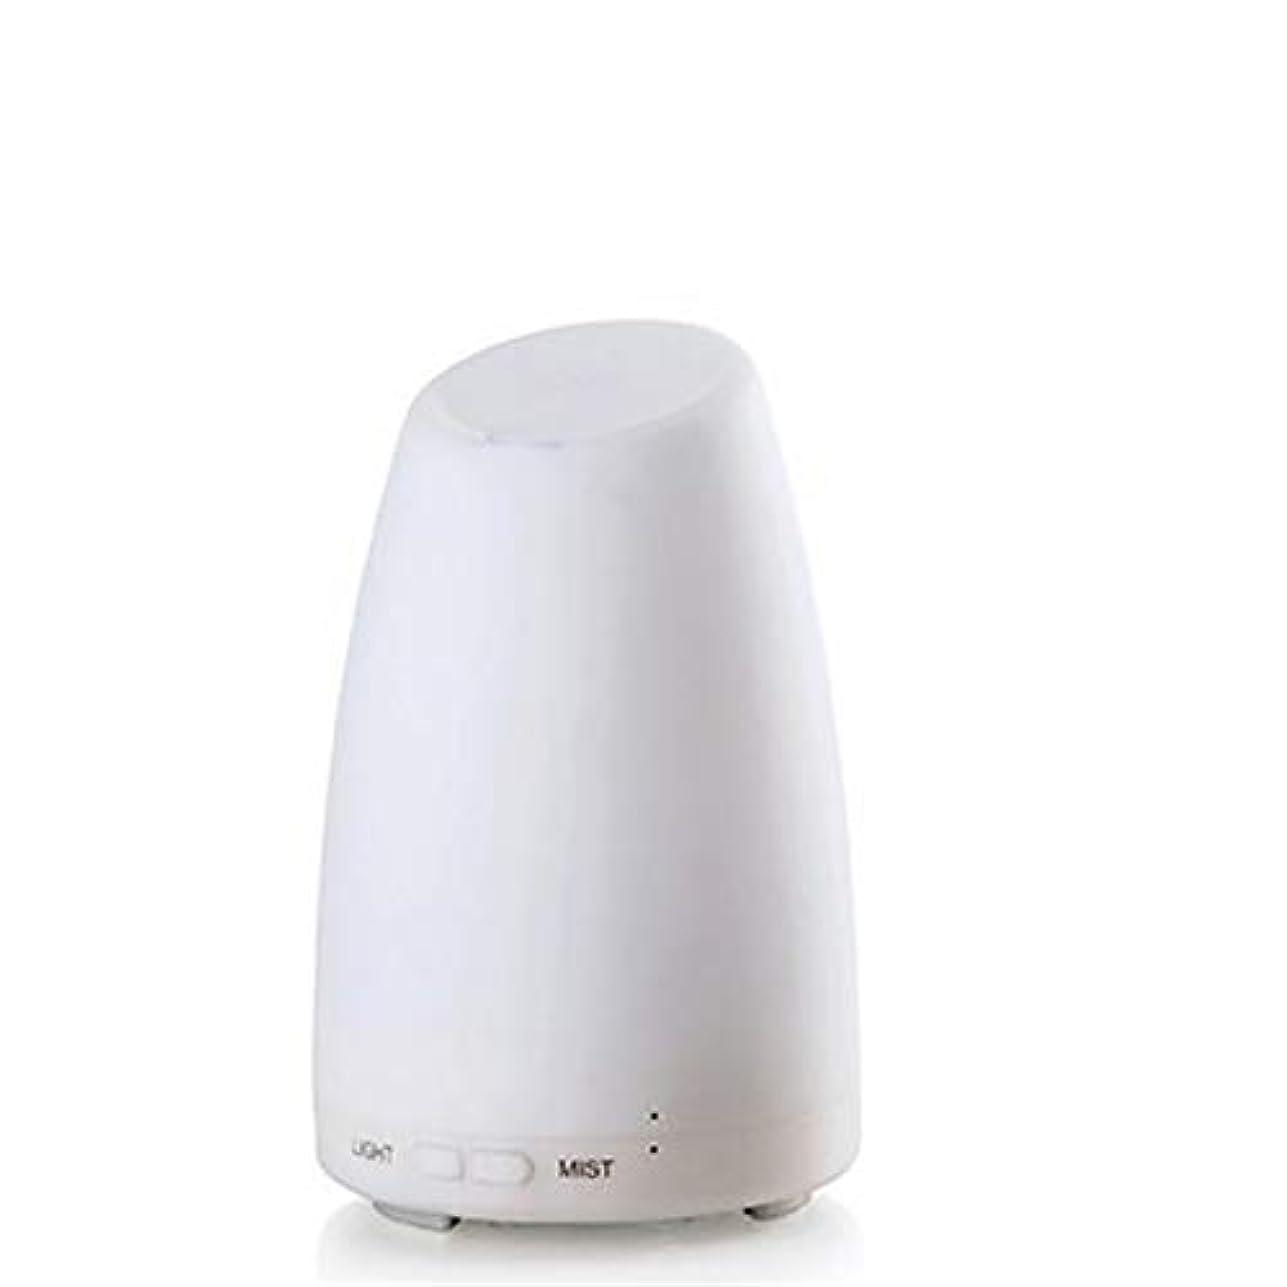 討論韻実行可能エッセンシャルオイルディフューザー、霧コントロール4h 使用、低水自動シャットダウン、7種類の LED ライト、家庭、オフィス、寝室、家族のベビールームとの超音波 100 ml アロマディフューザー